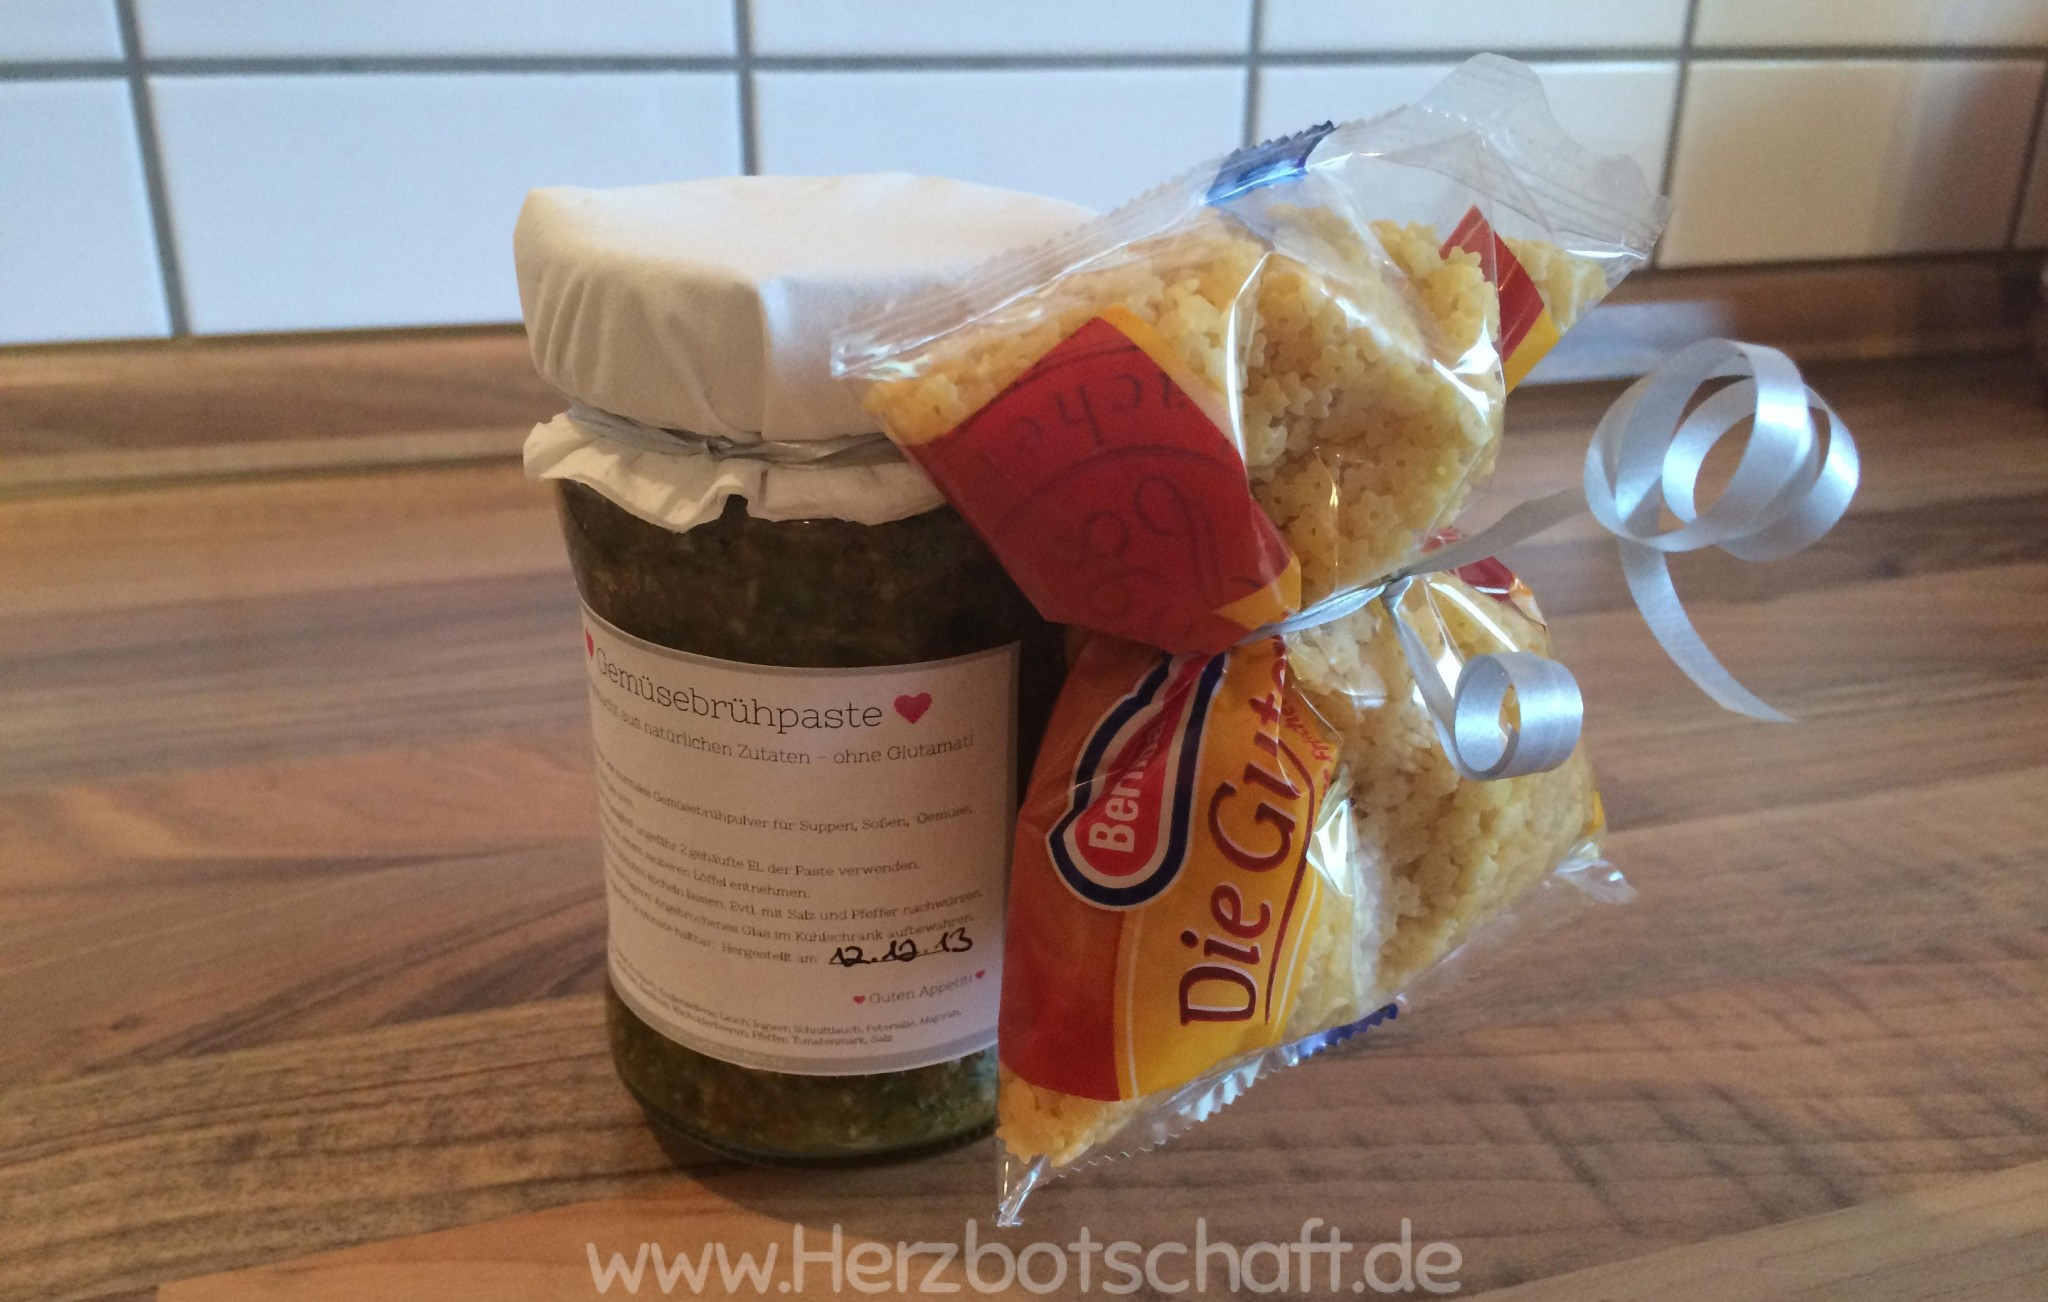 geschenkidee-gemüsebrühpaste-suppennnudeln